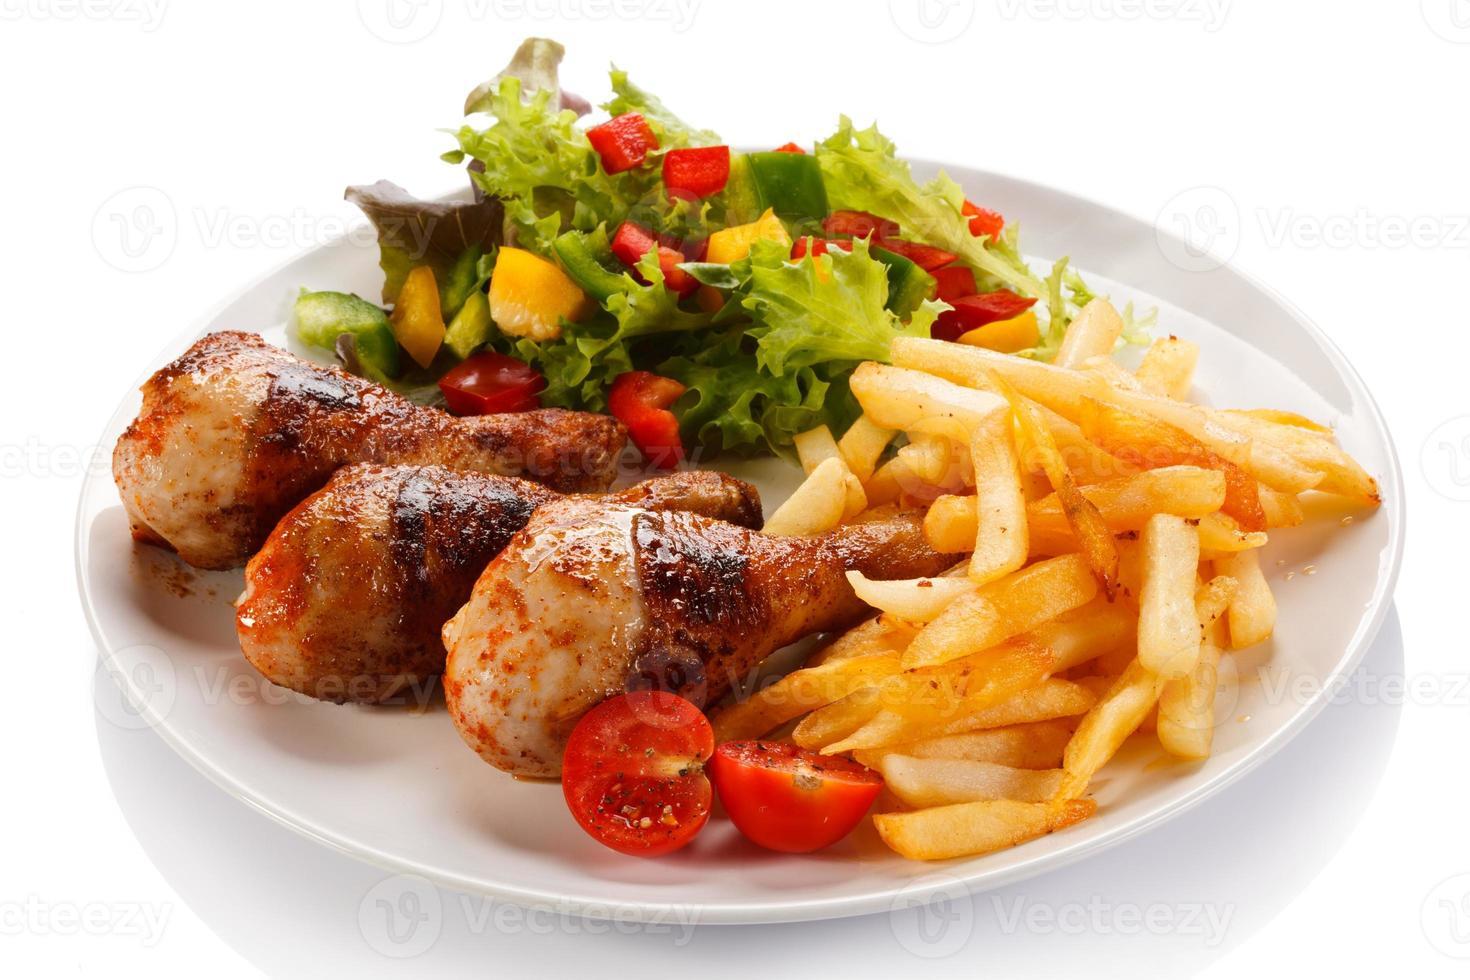 cosce di pollo arrosto, patatine fritte e verdure foto